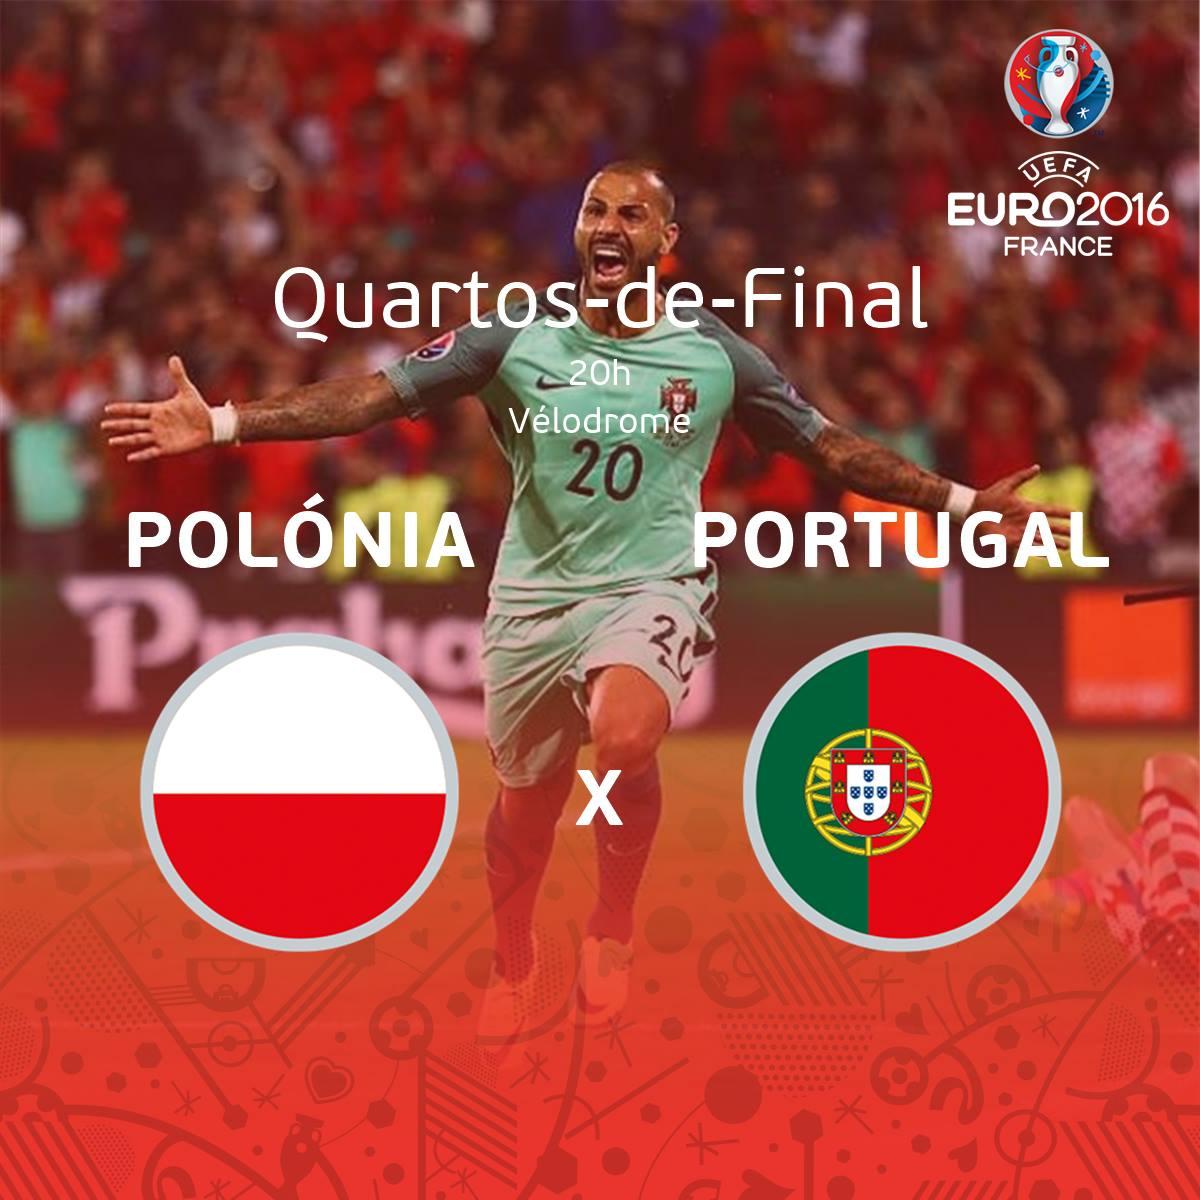 UEFA põe à venda os últimos bilhetes para o Portugal-Polónia - BOM DIA 29f5672af2a98